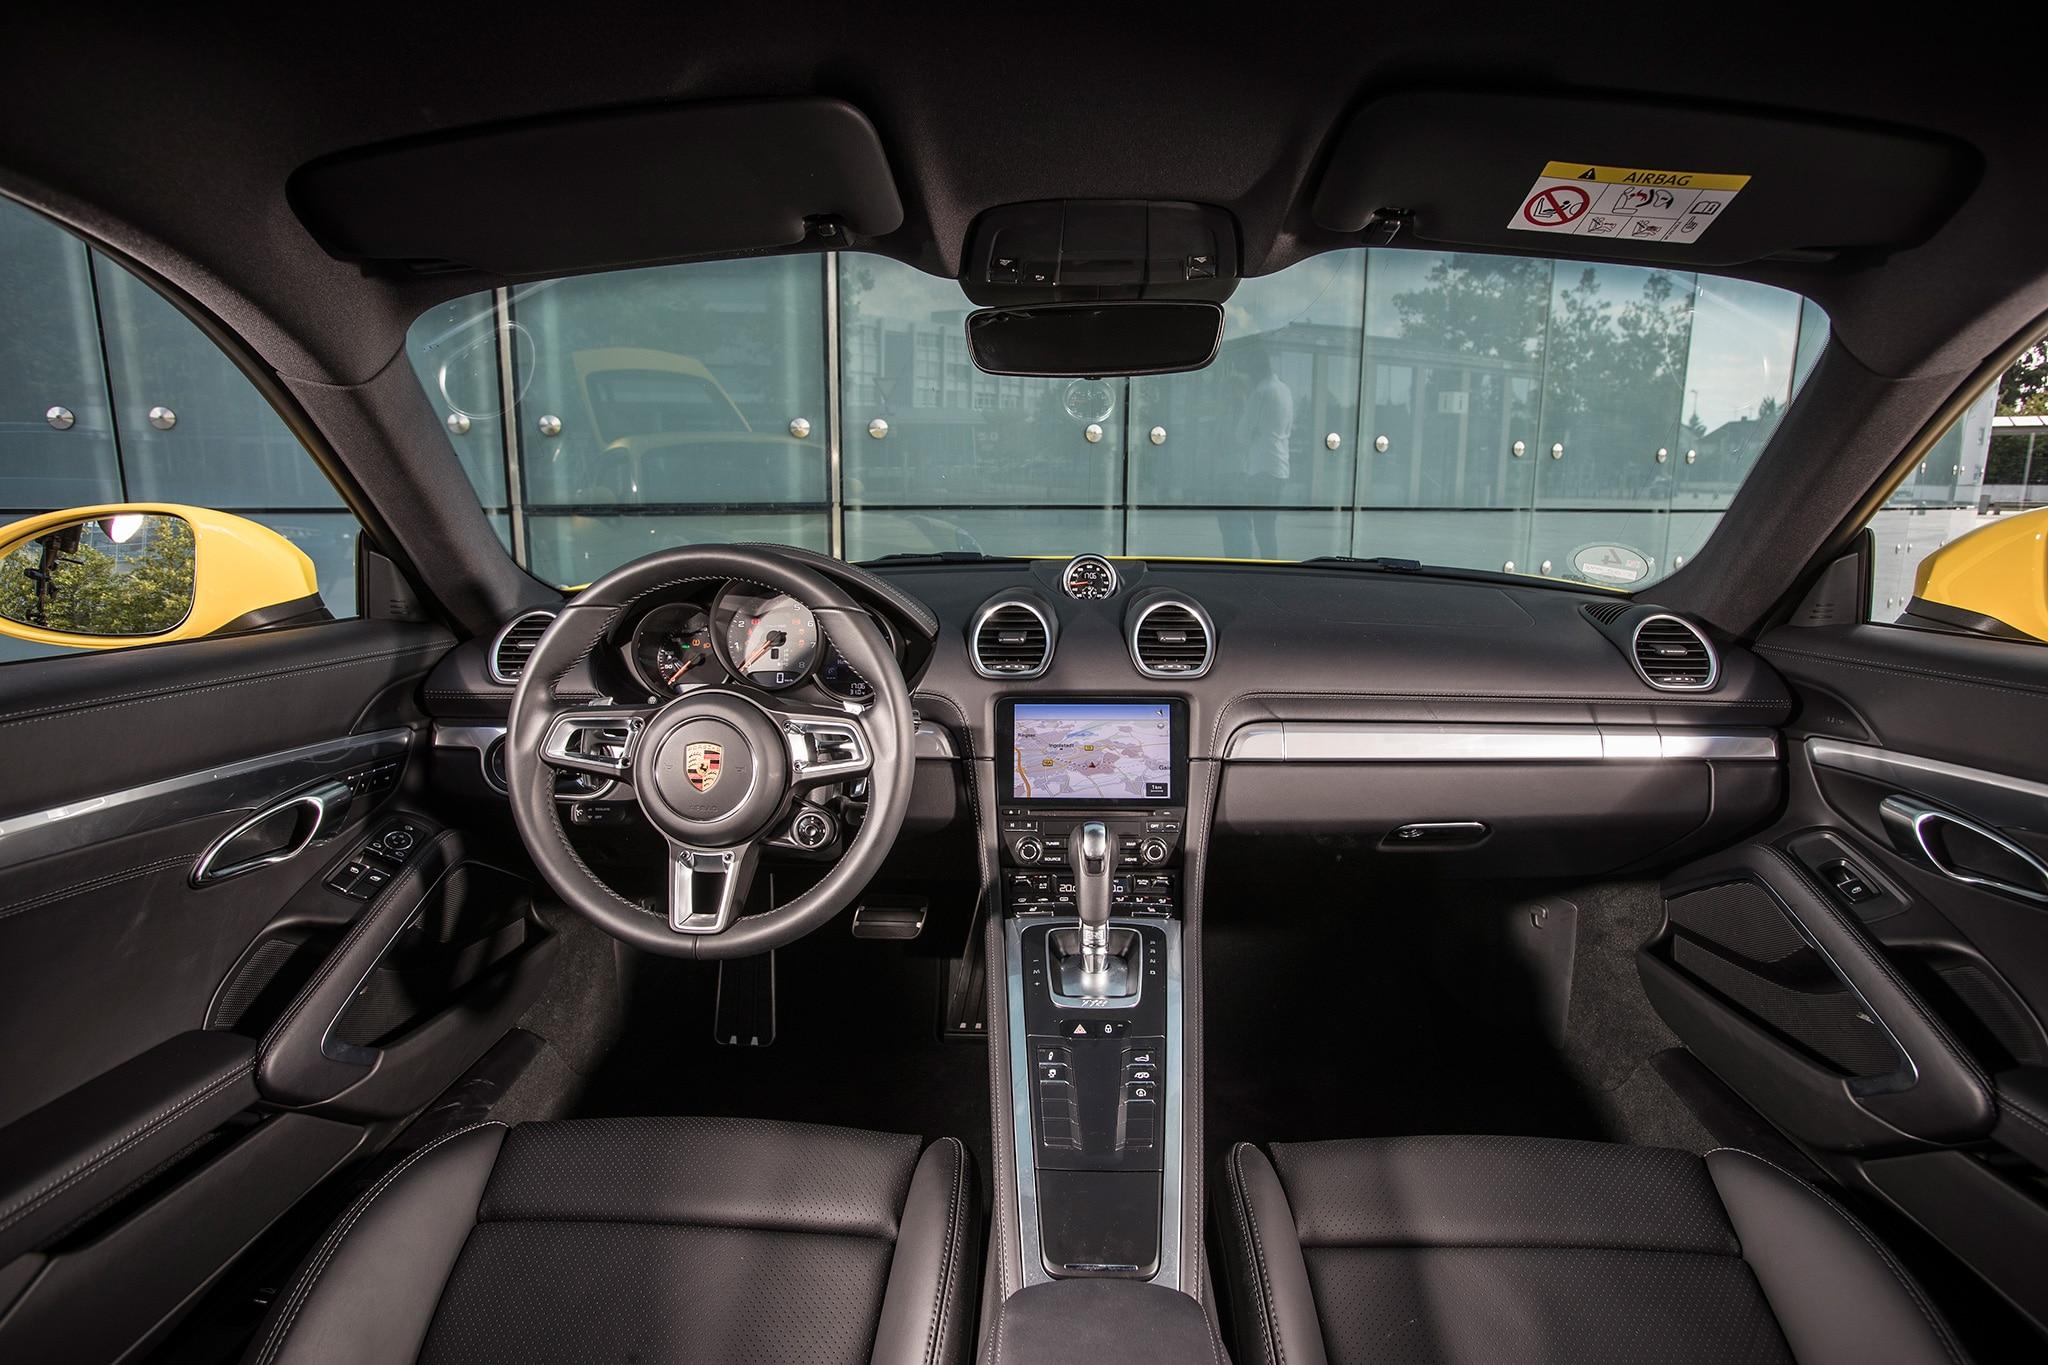 2017 Porsche Cayman S Cabin 01